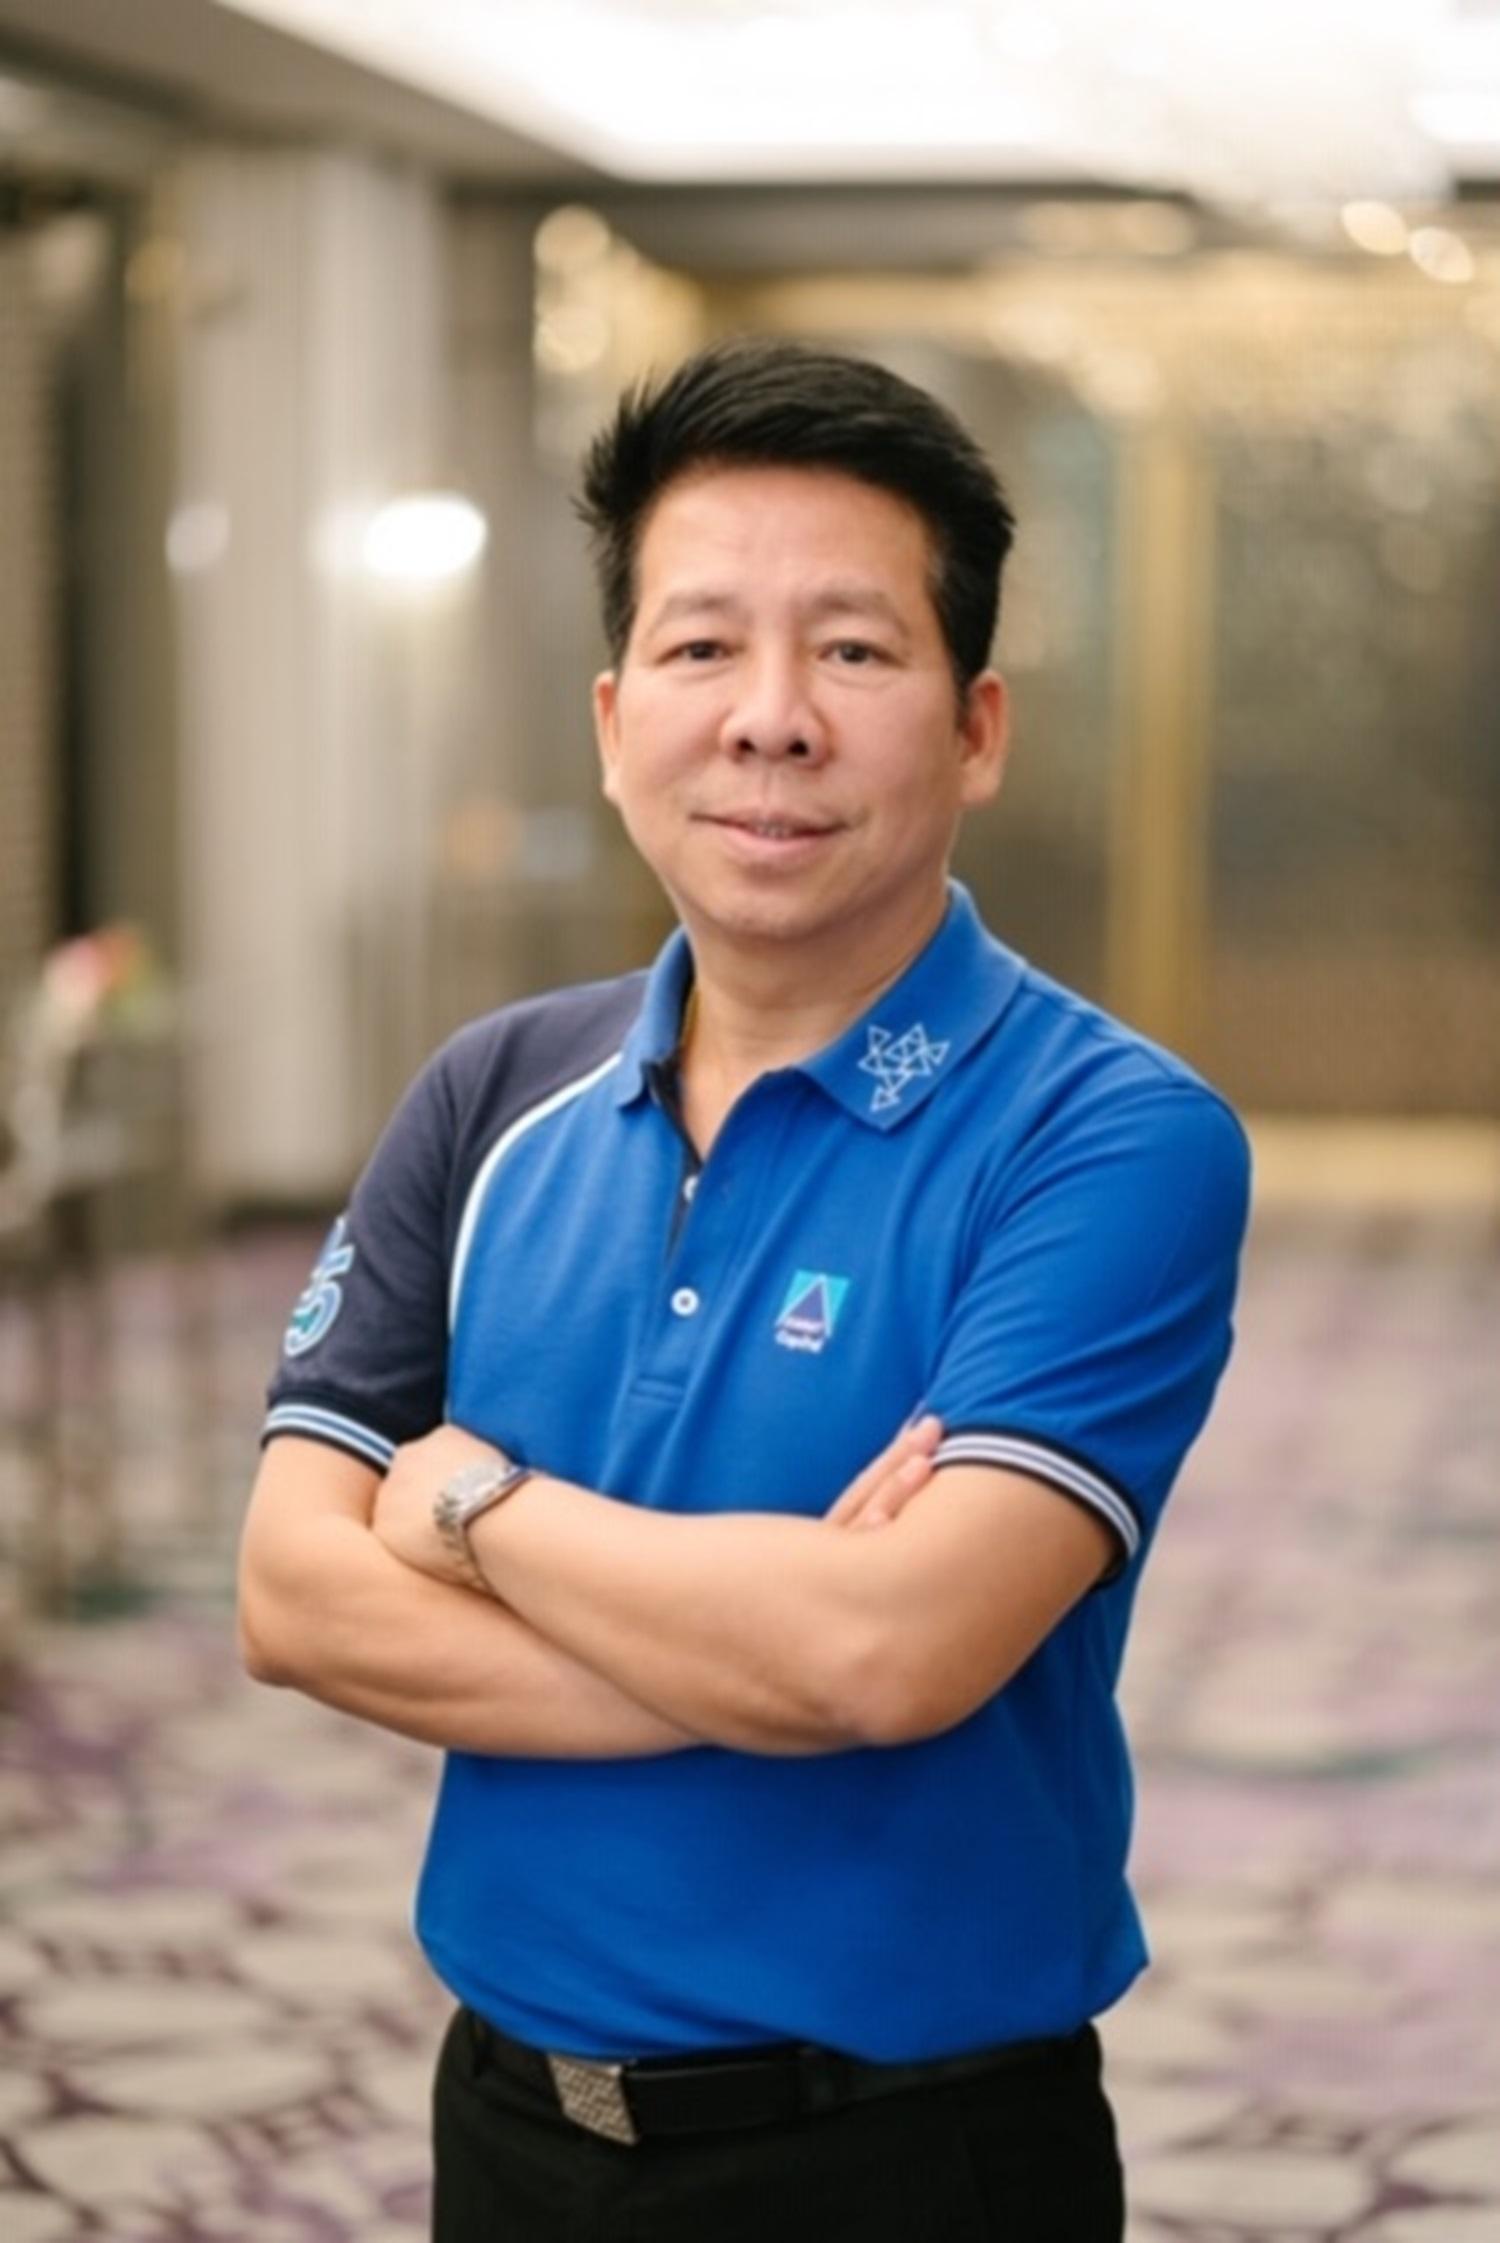 ซัมมิท แคปปิตอล เดินหน้าแผนธุรกิจรับลูกดิจิทัล 4.0 รองรับตลาดสินเชื่อ